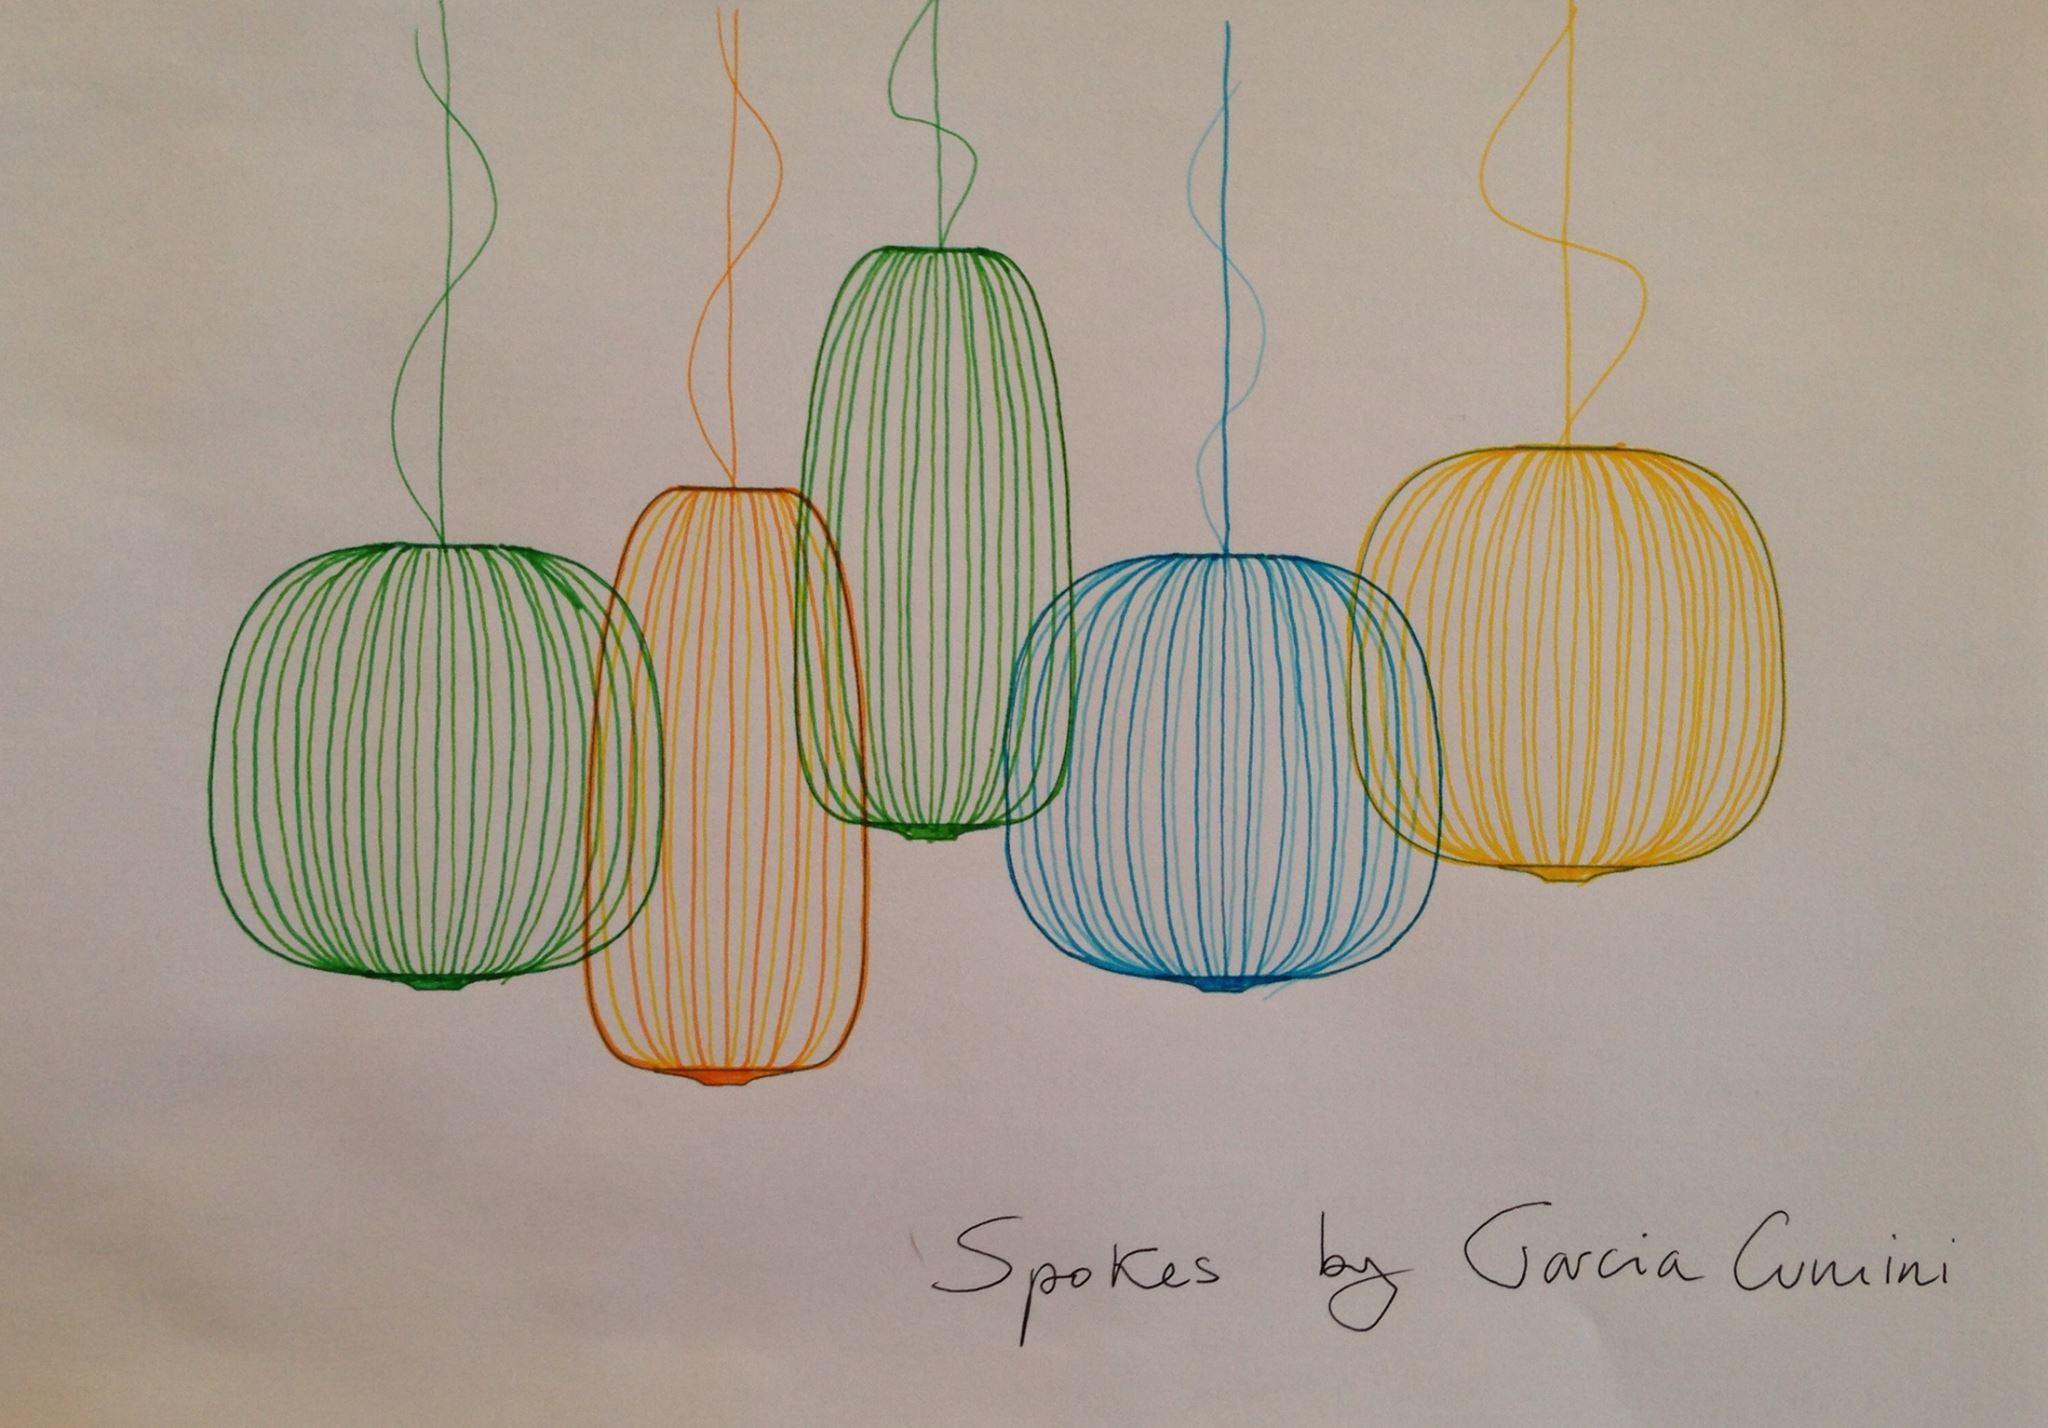 Подвесной светильник копия Spokes 1 by Foscarini (белый)